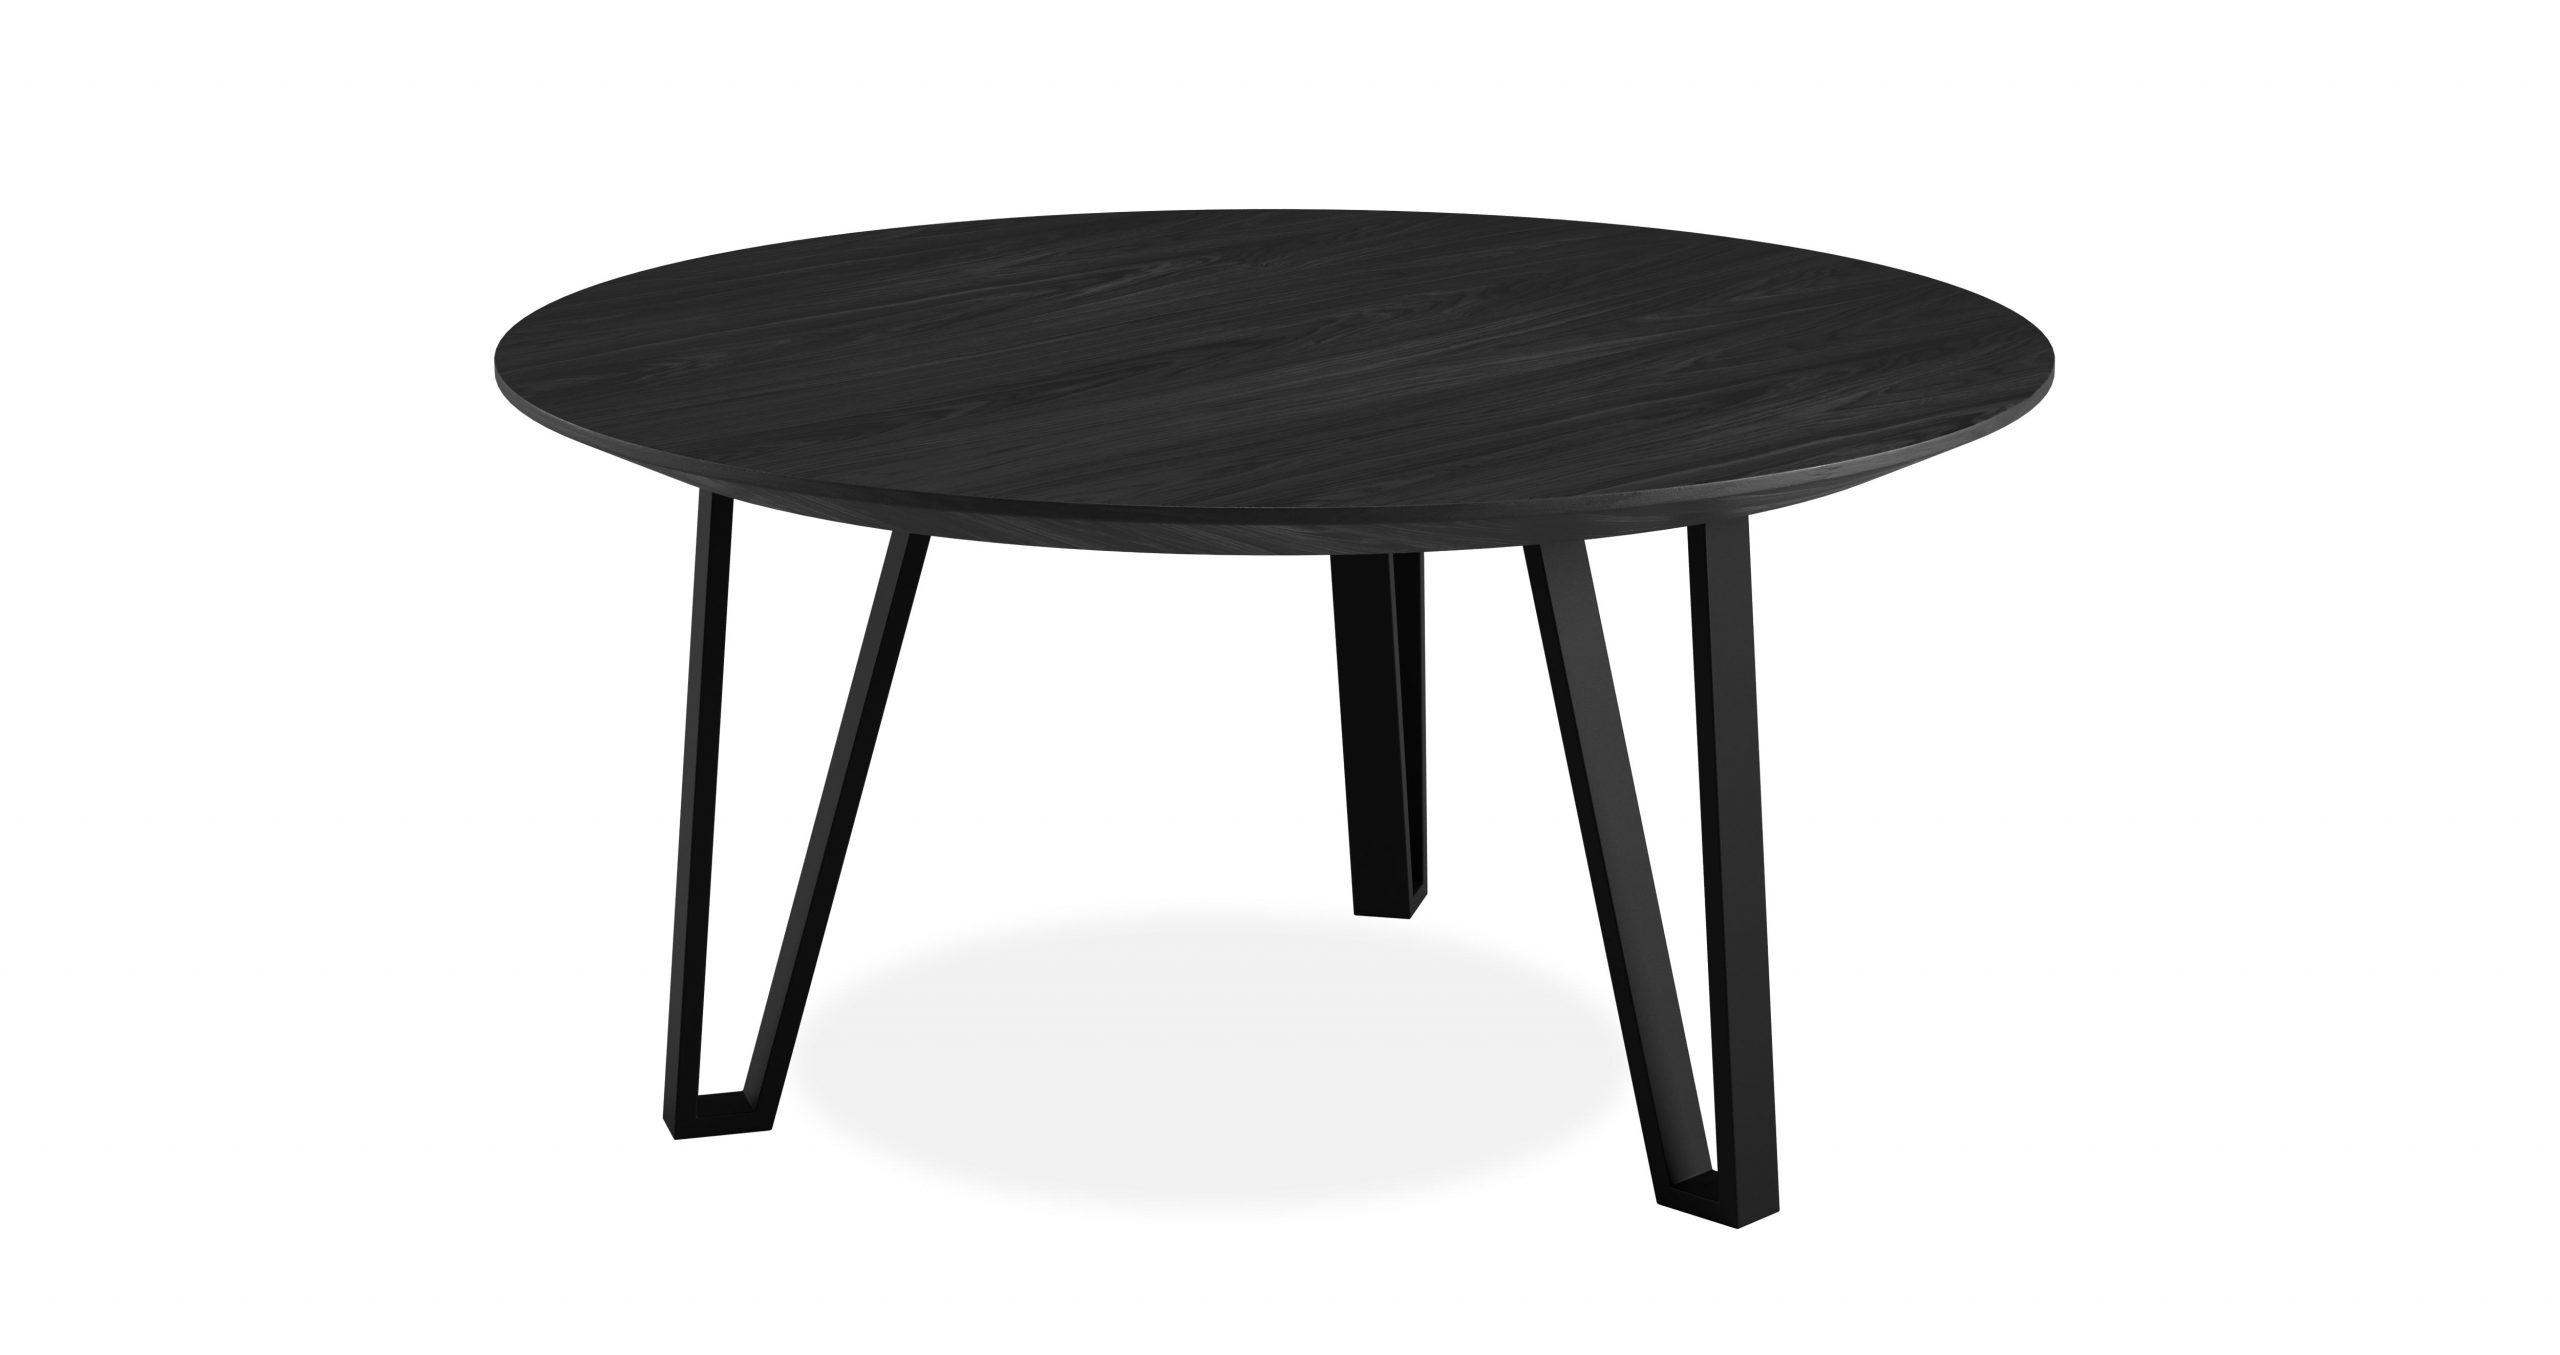 שולחן סלון נואר קוטר 70 בגוון שחור